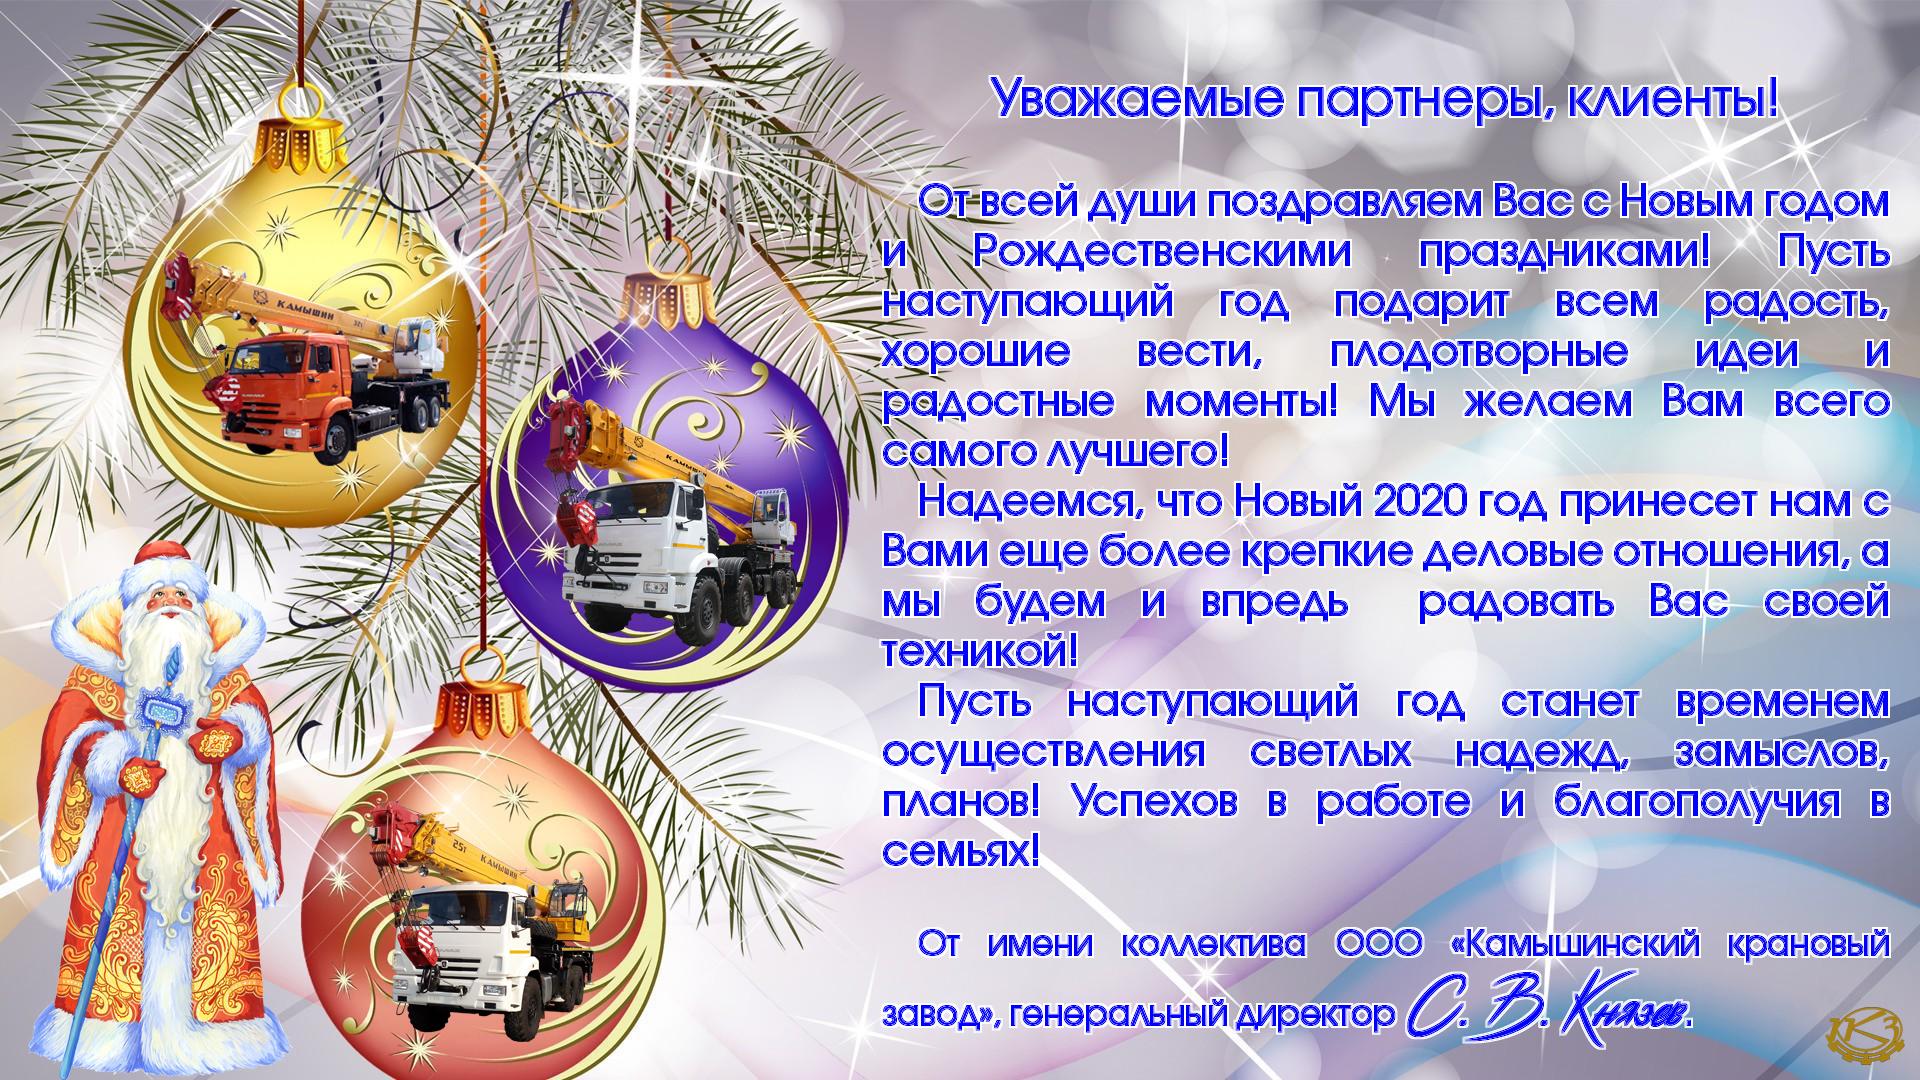 Поздравляем С Новым годом и Рождественскими праздниками!